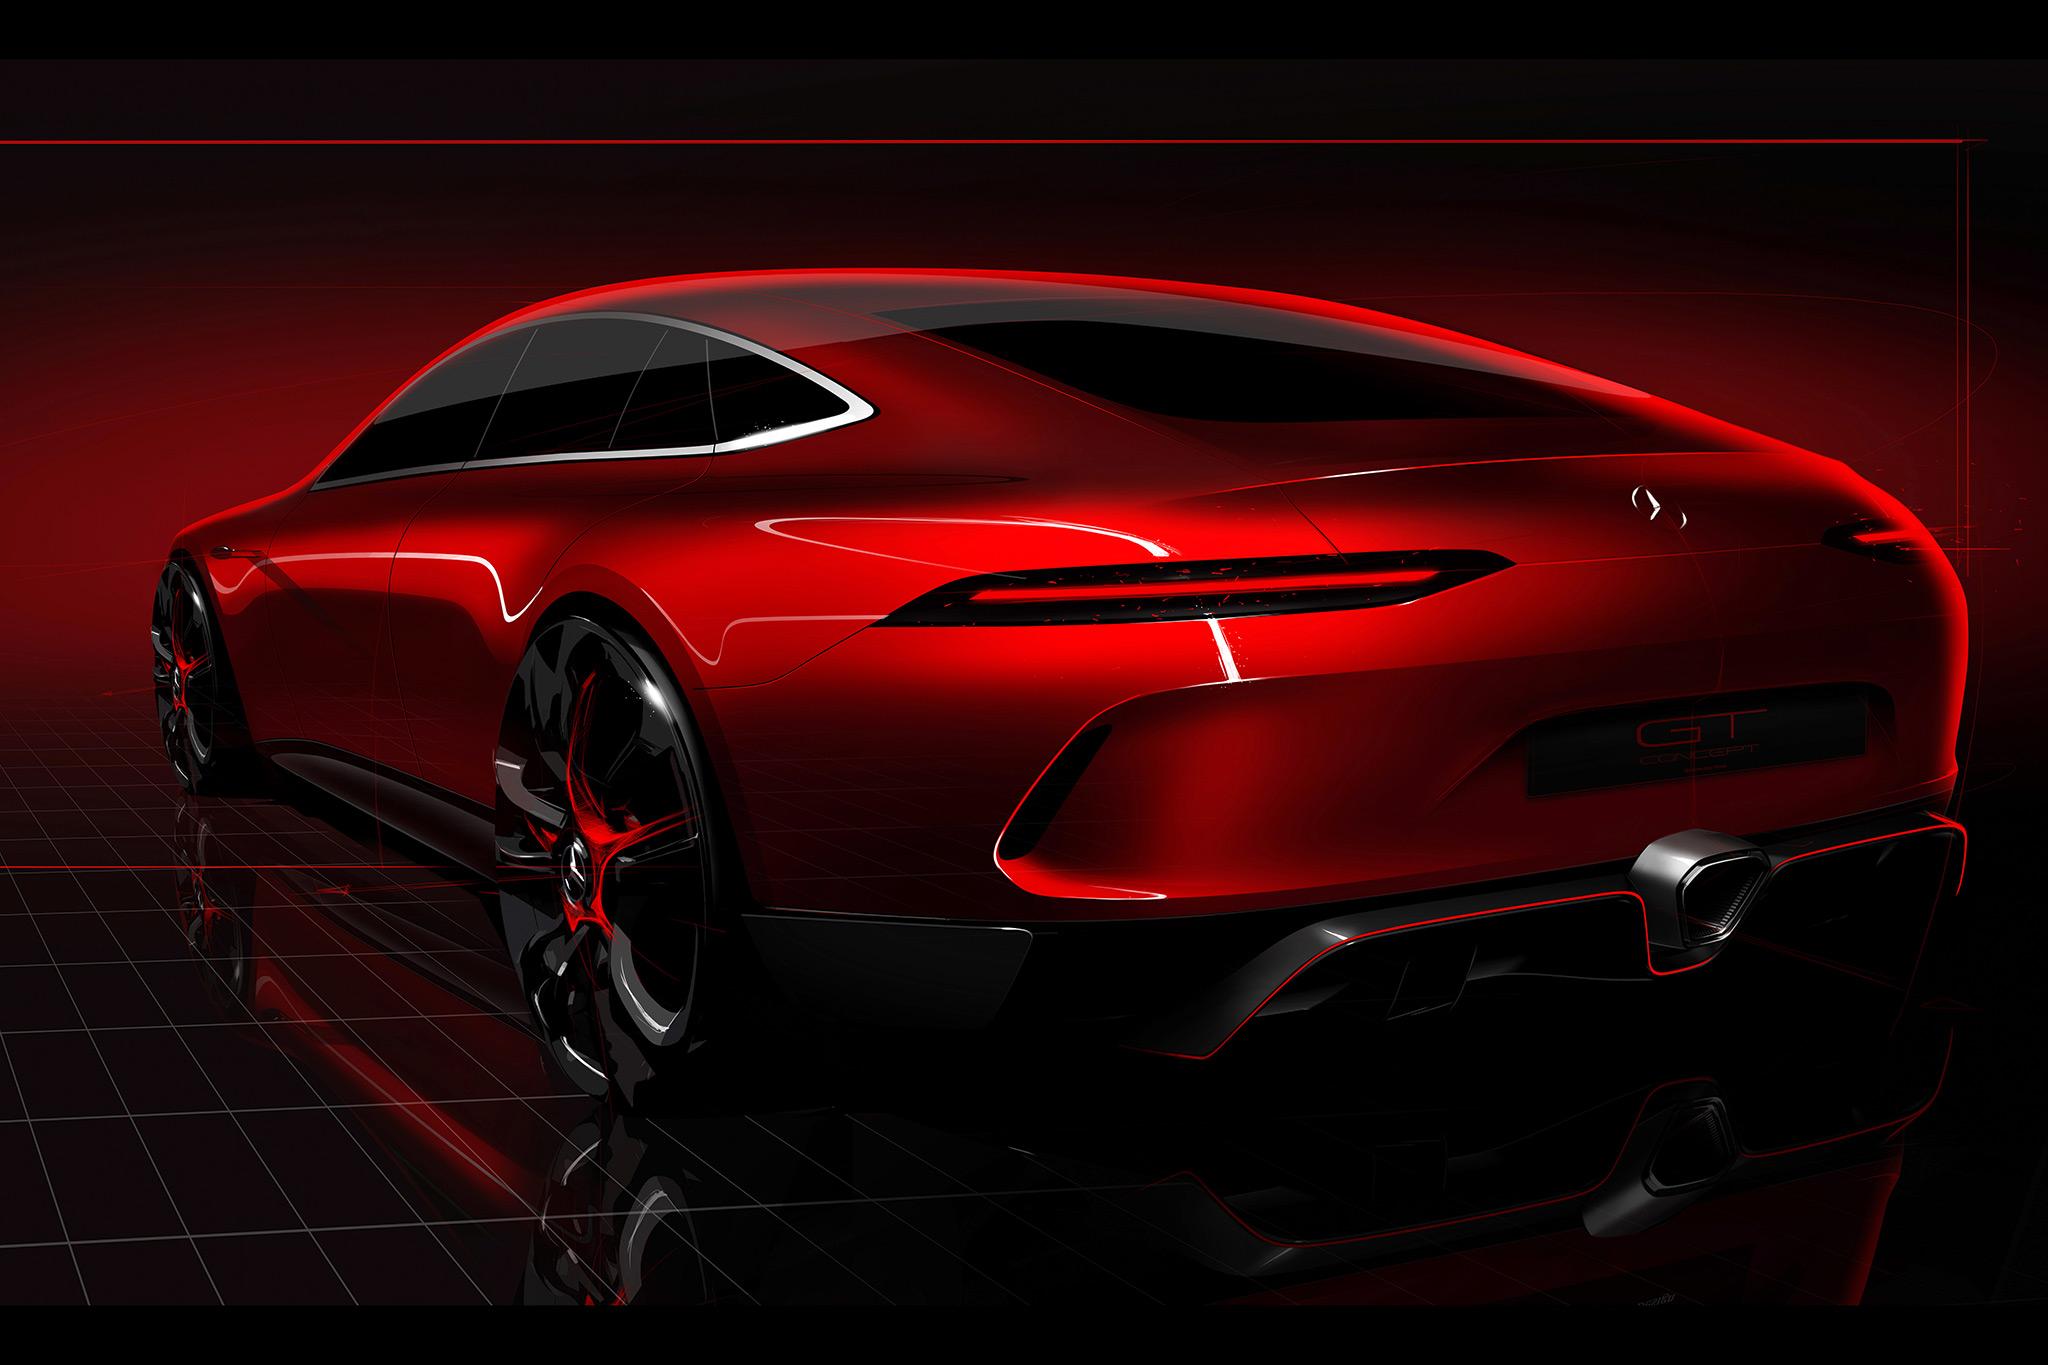 2017 geneva mercedes benz amg gt concept hd cars 4k for New mercedes benz concept